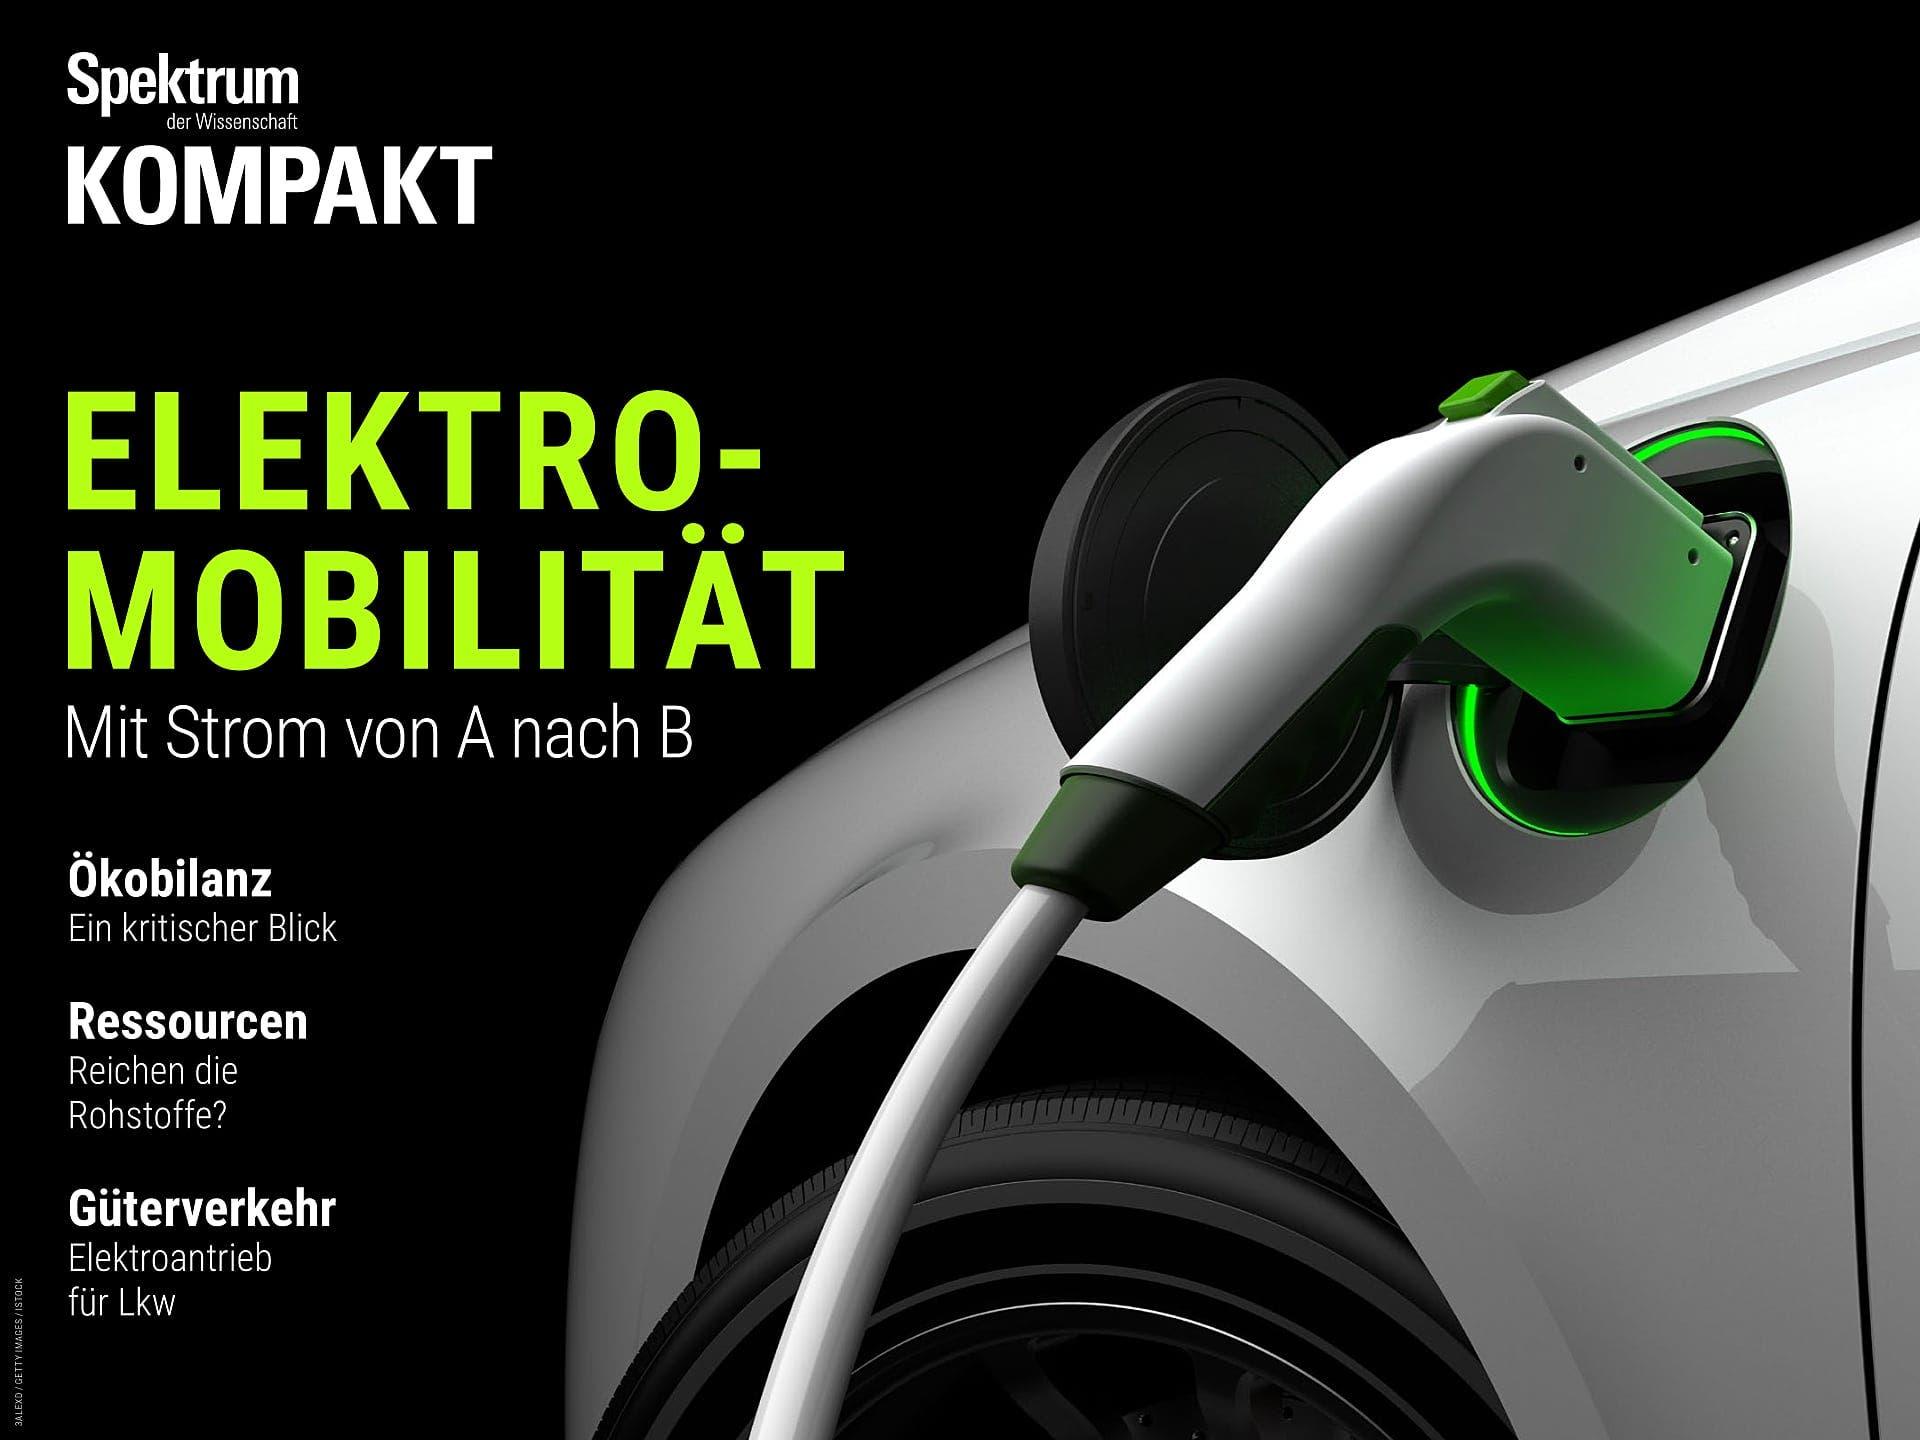 Elektromobilität - Mit Strom von A nach B